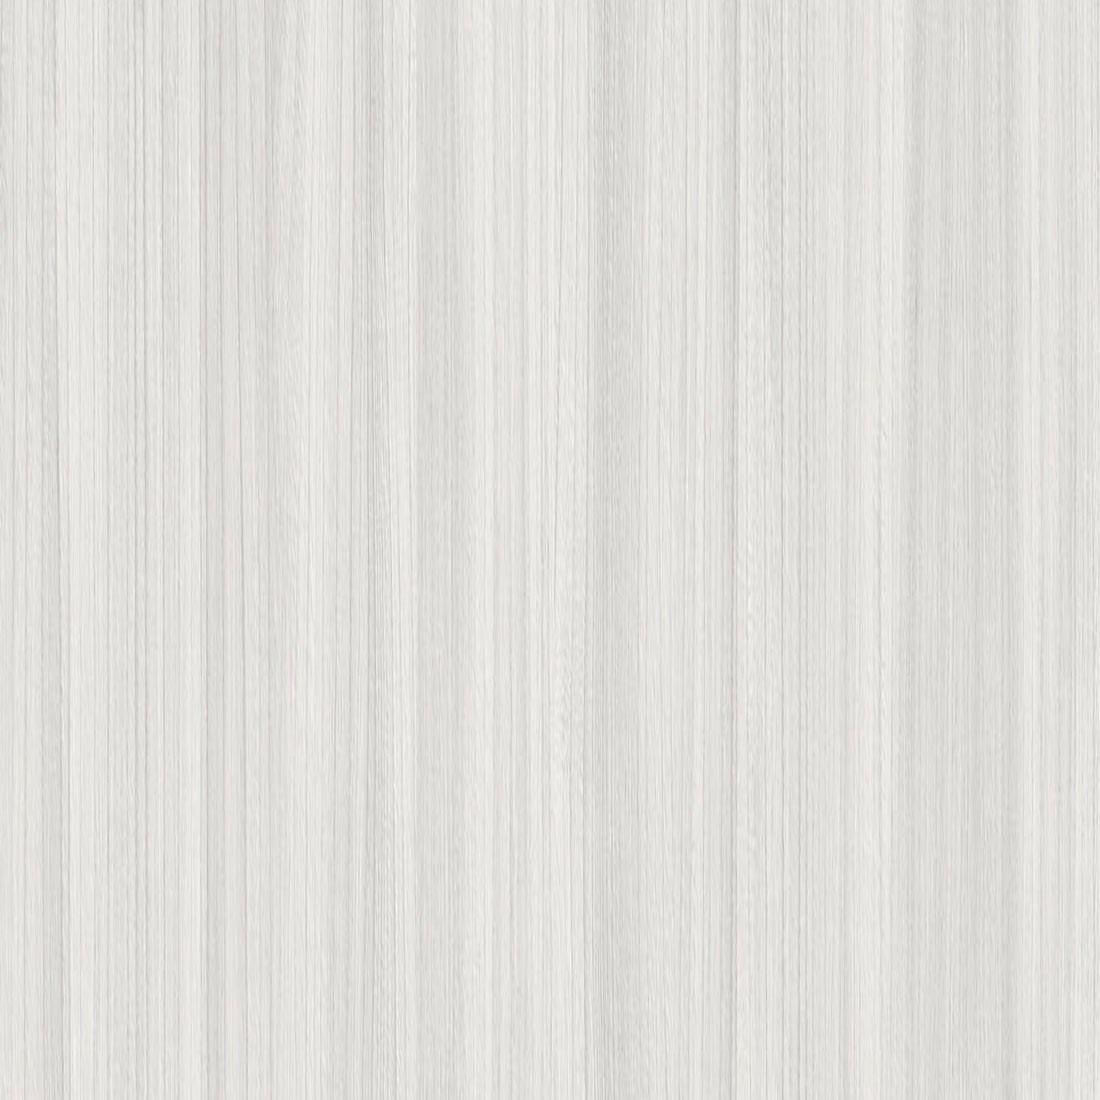 Papel parede madeira cinza claro adesivo contact m veis for Papel para paredes salon